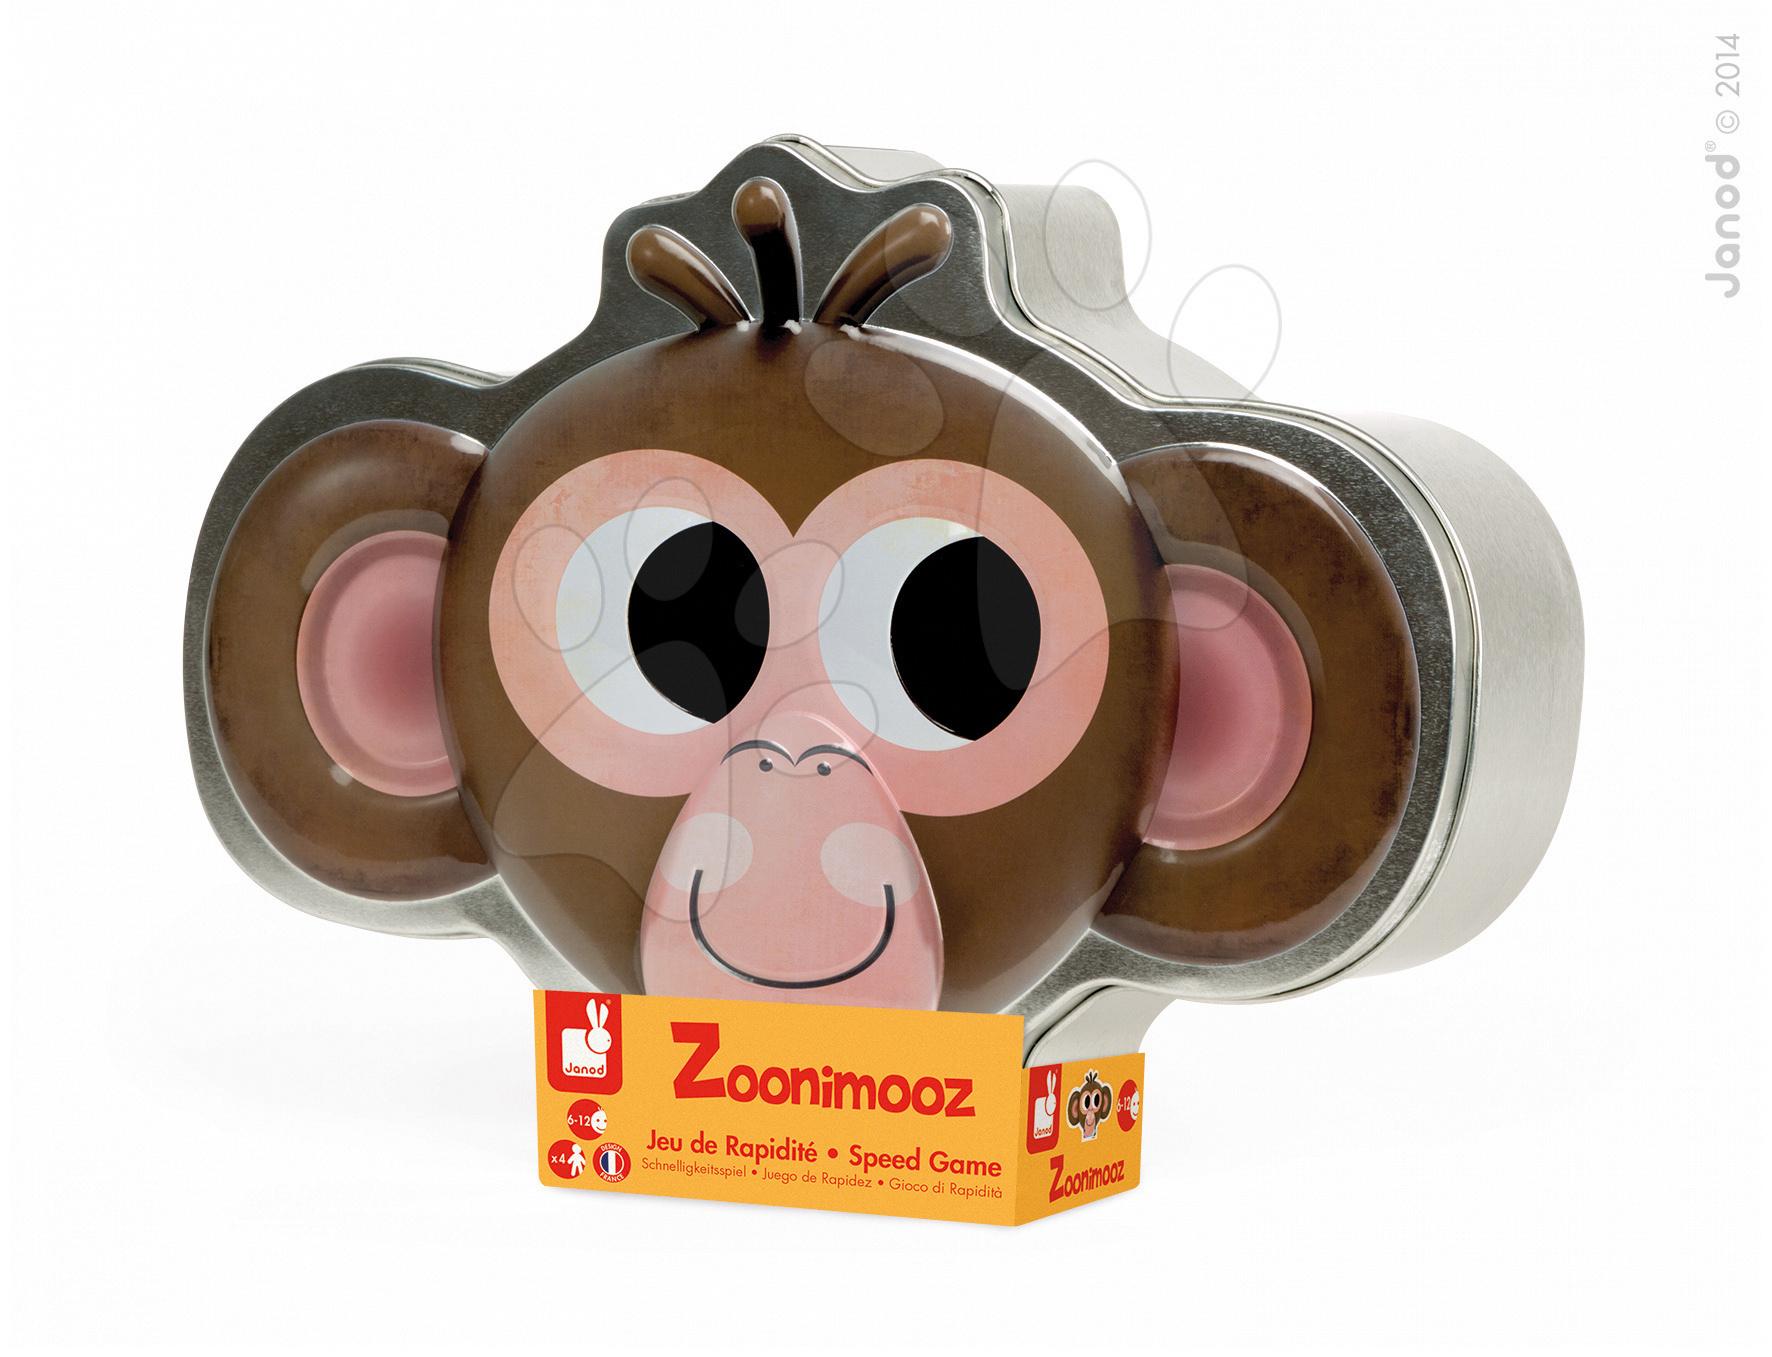 Cudzojazyčné spoločenské hry - Spoločenská hra Zoonimooz Monkey Speed Game Janod v angličtine od 6 rokov